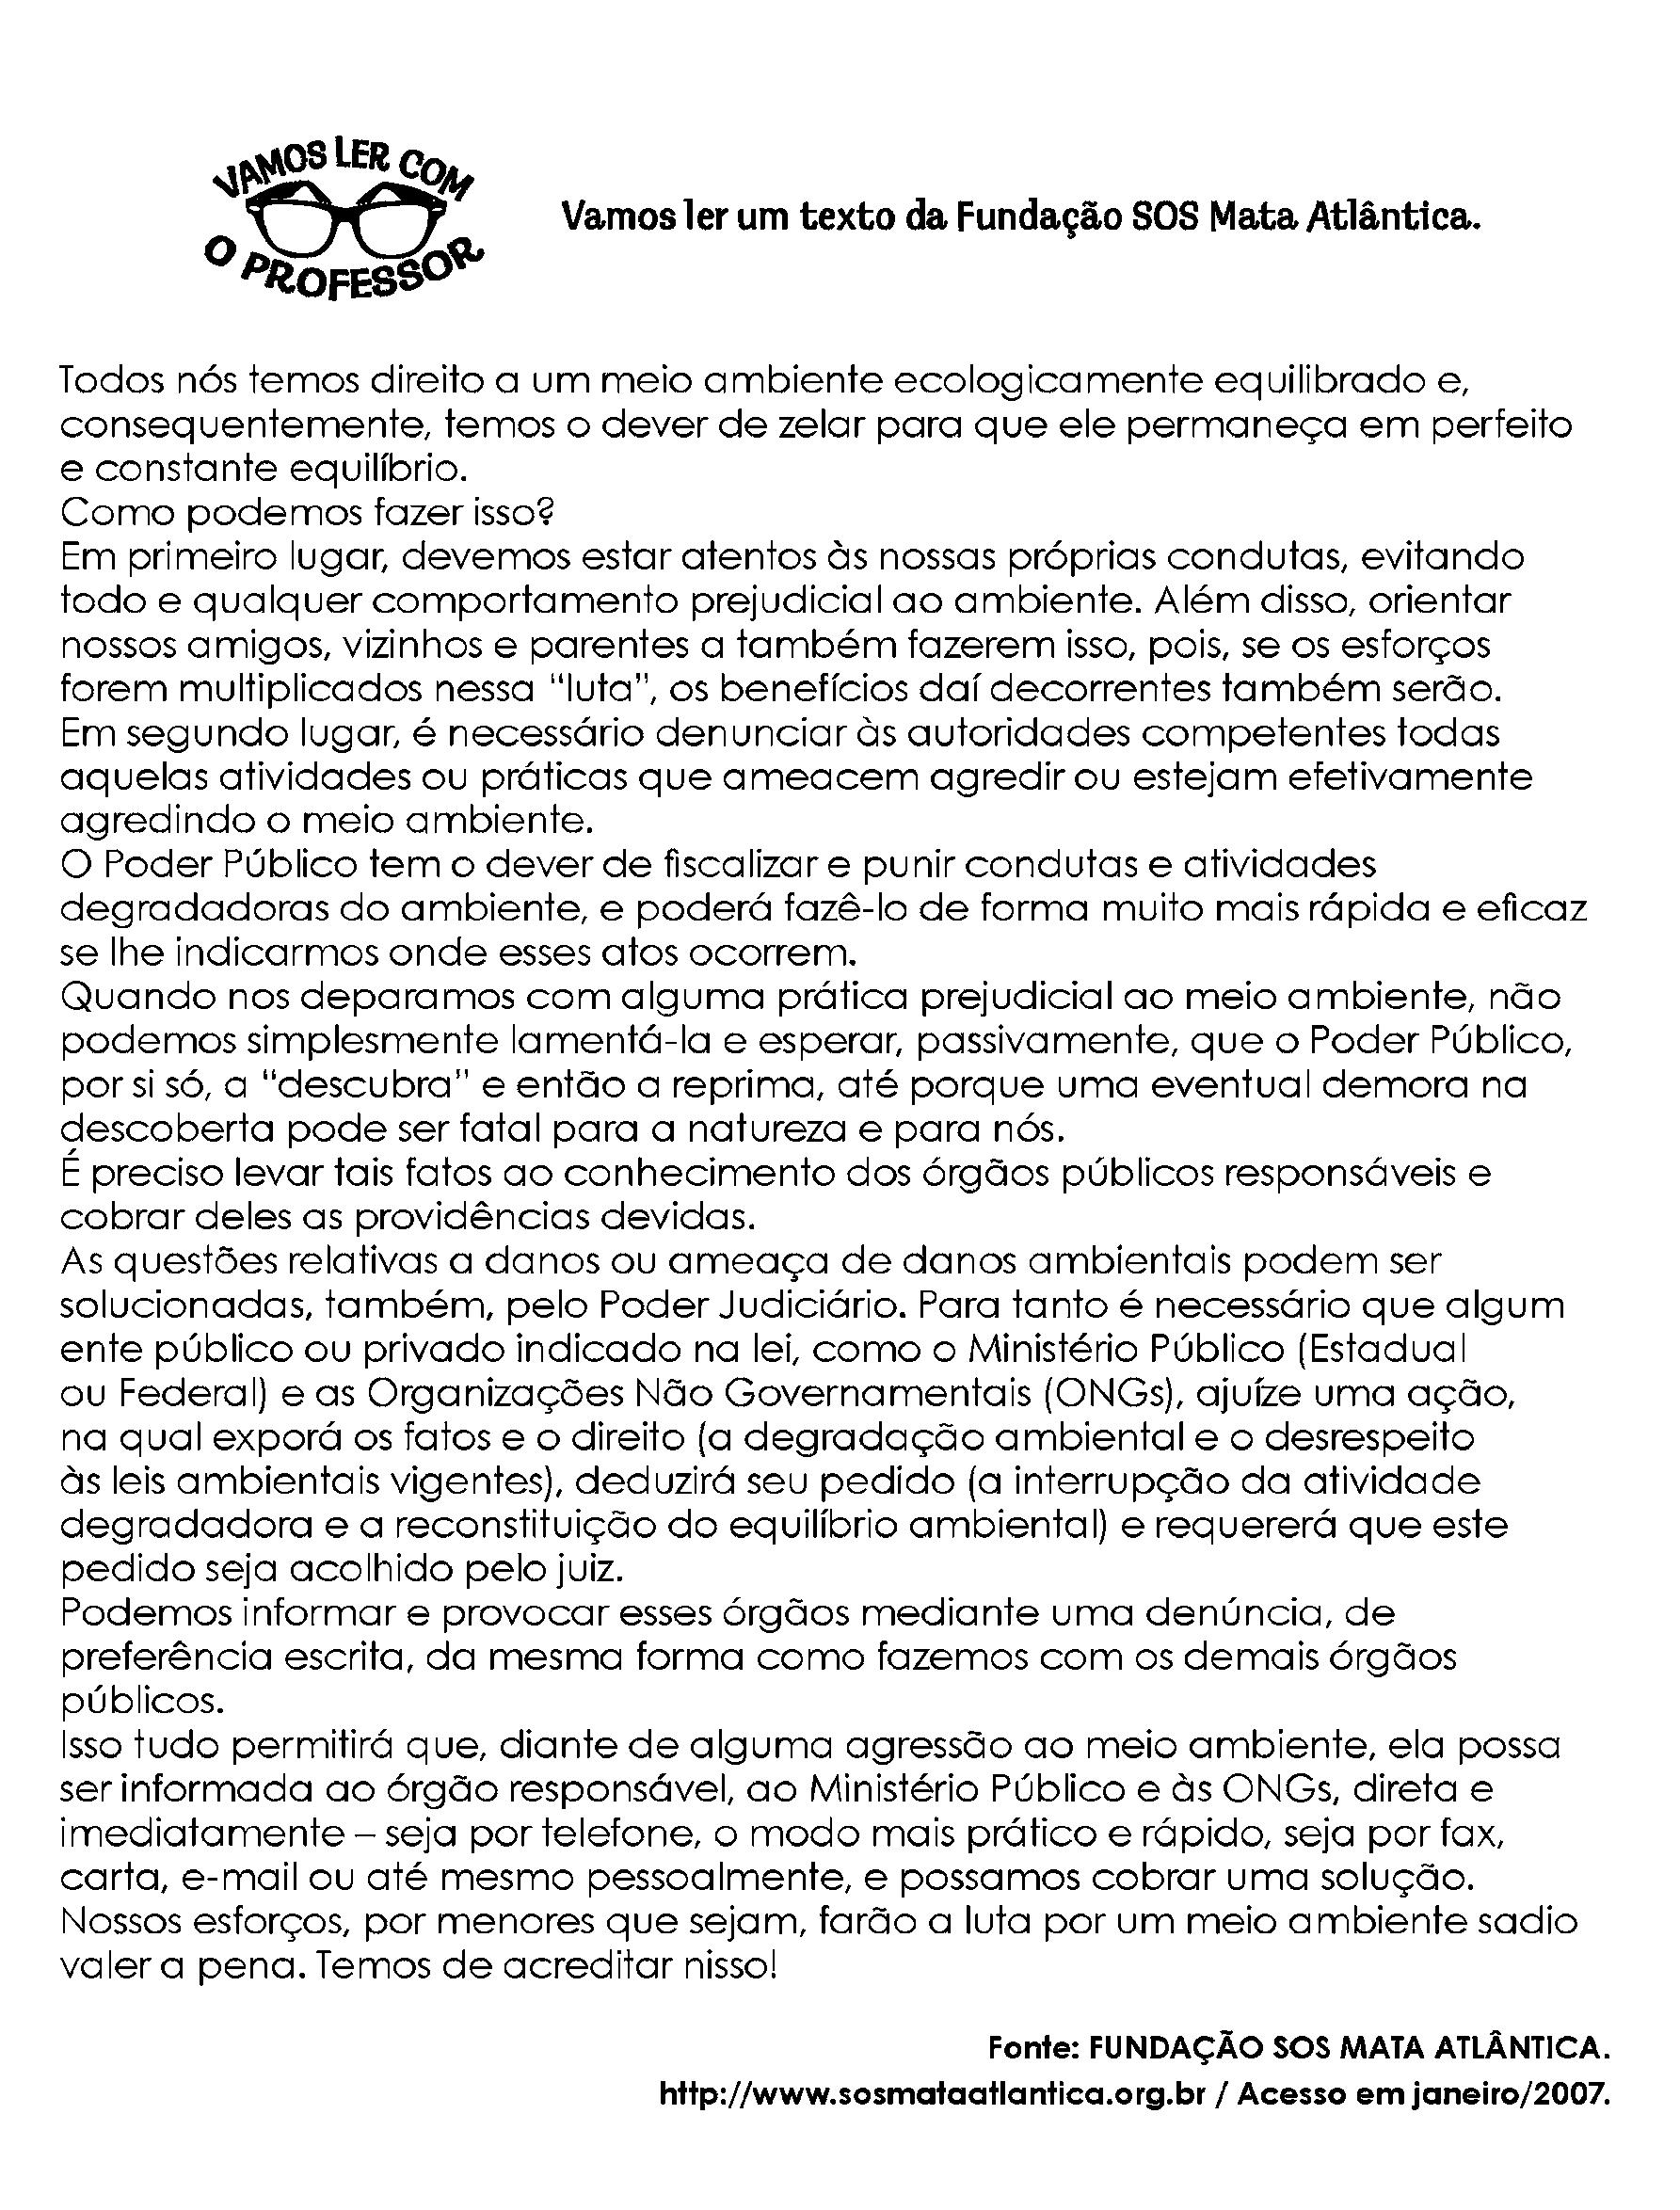 Texto Fundação SOS Mata Atlântica